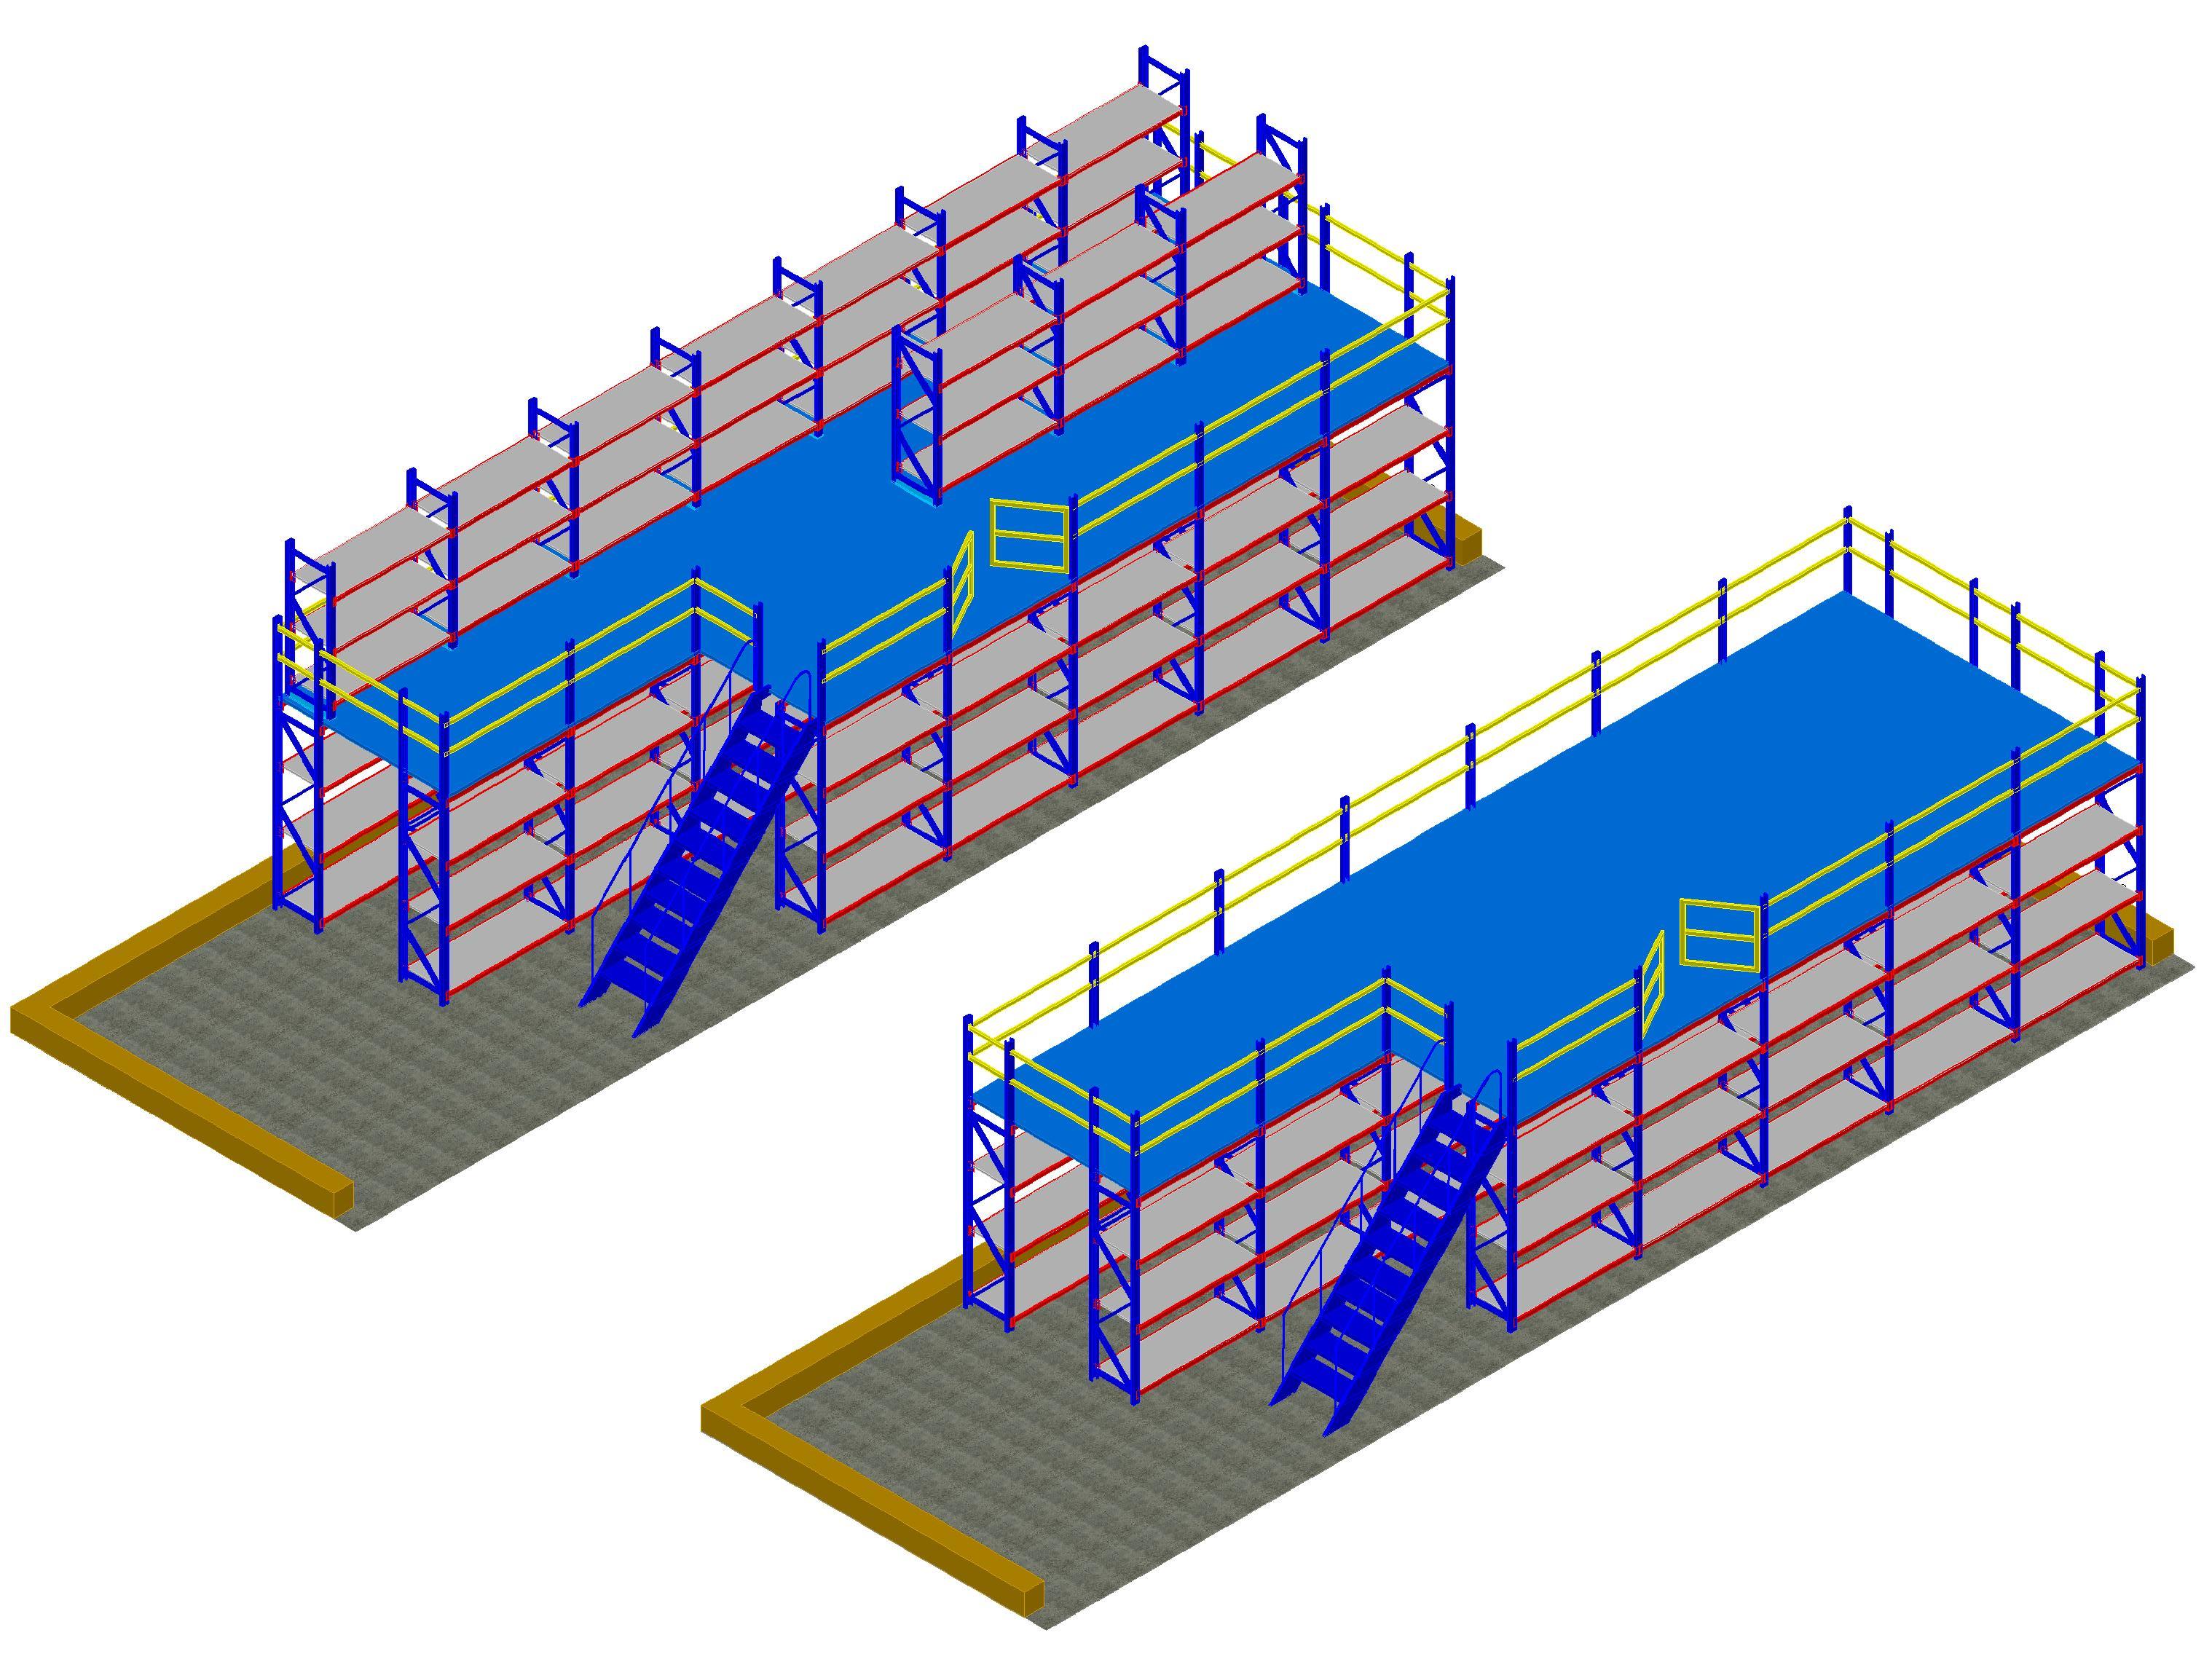 电商企业仓库中型层板货架